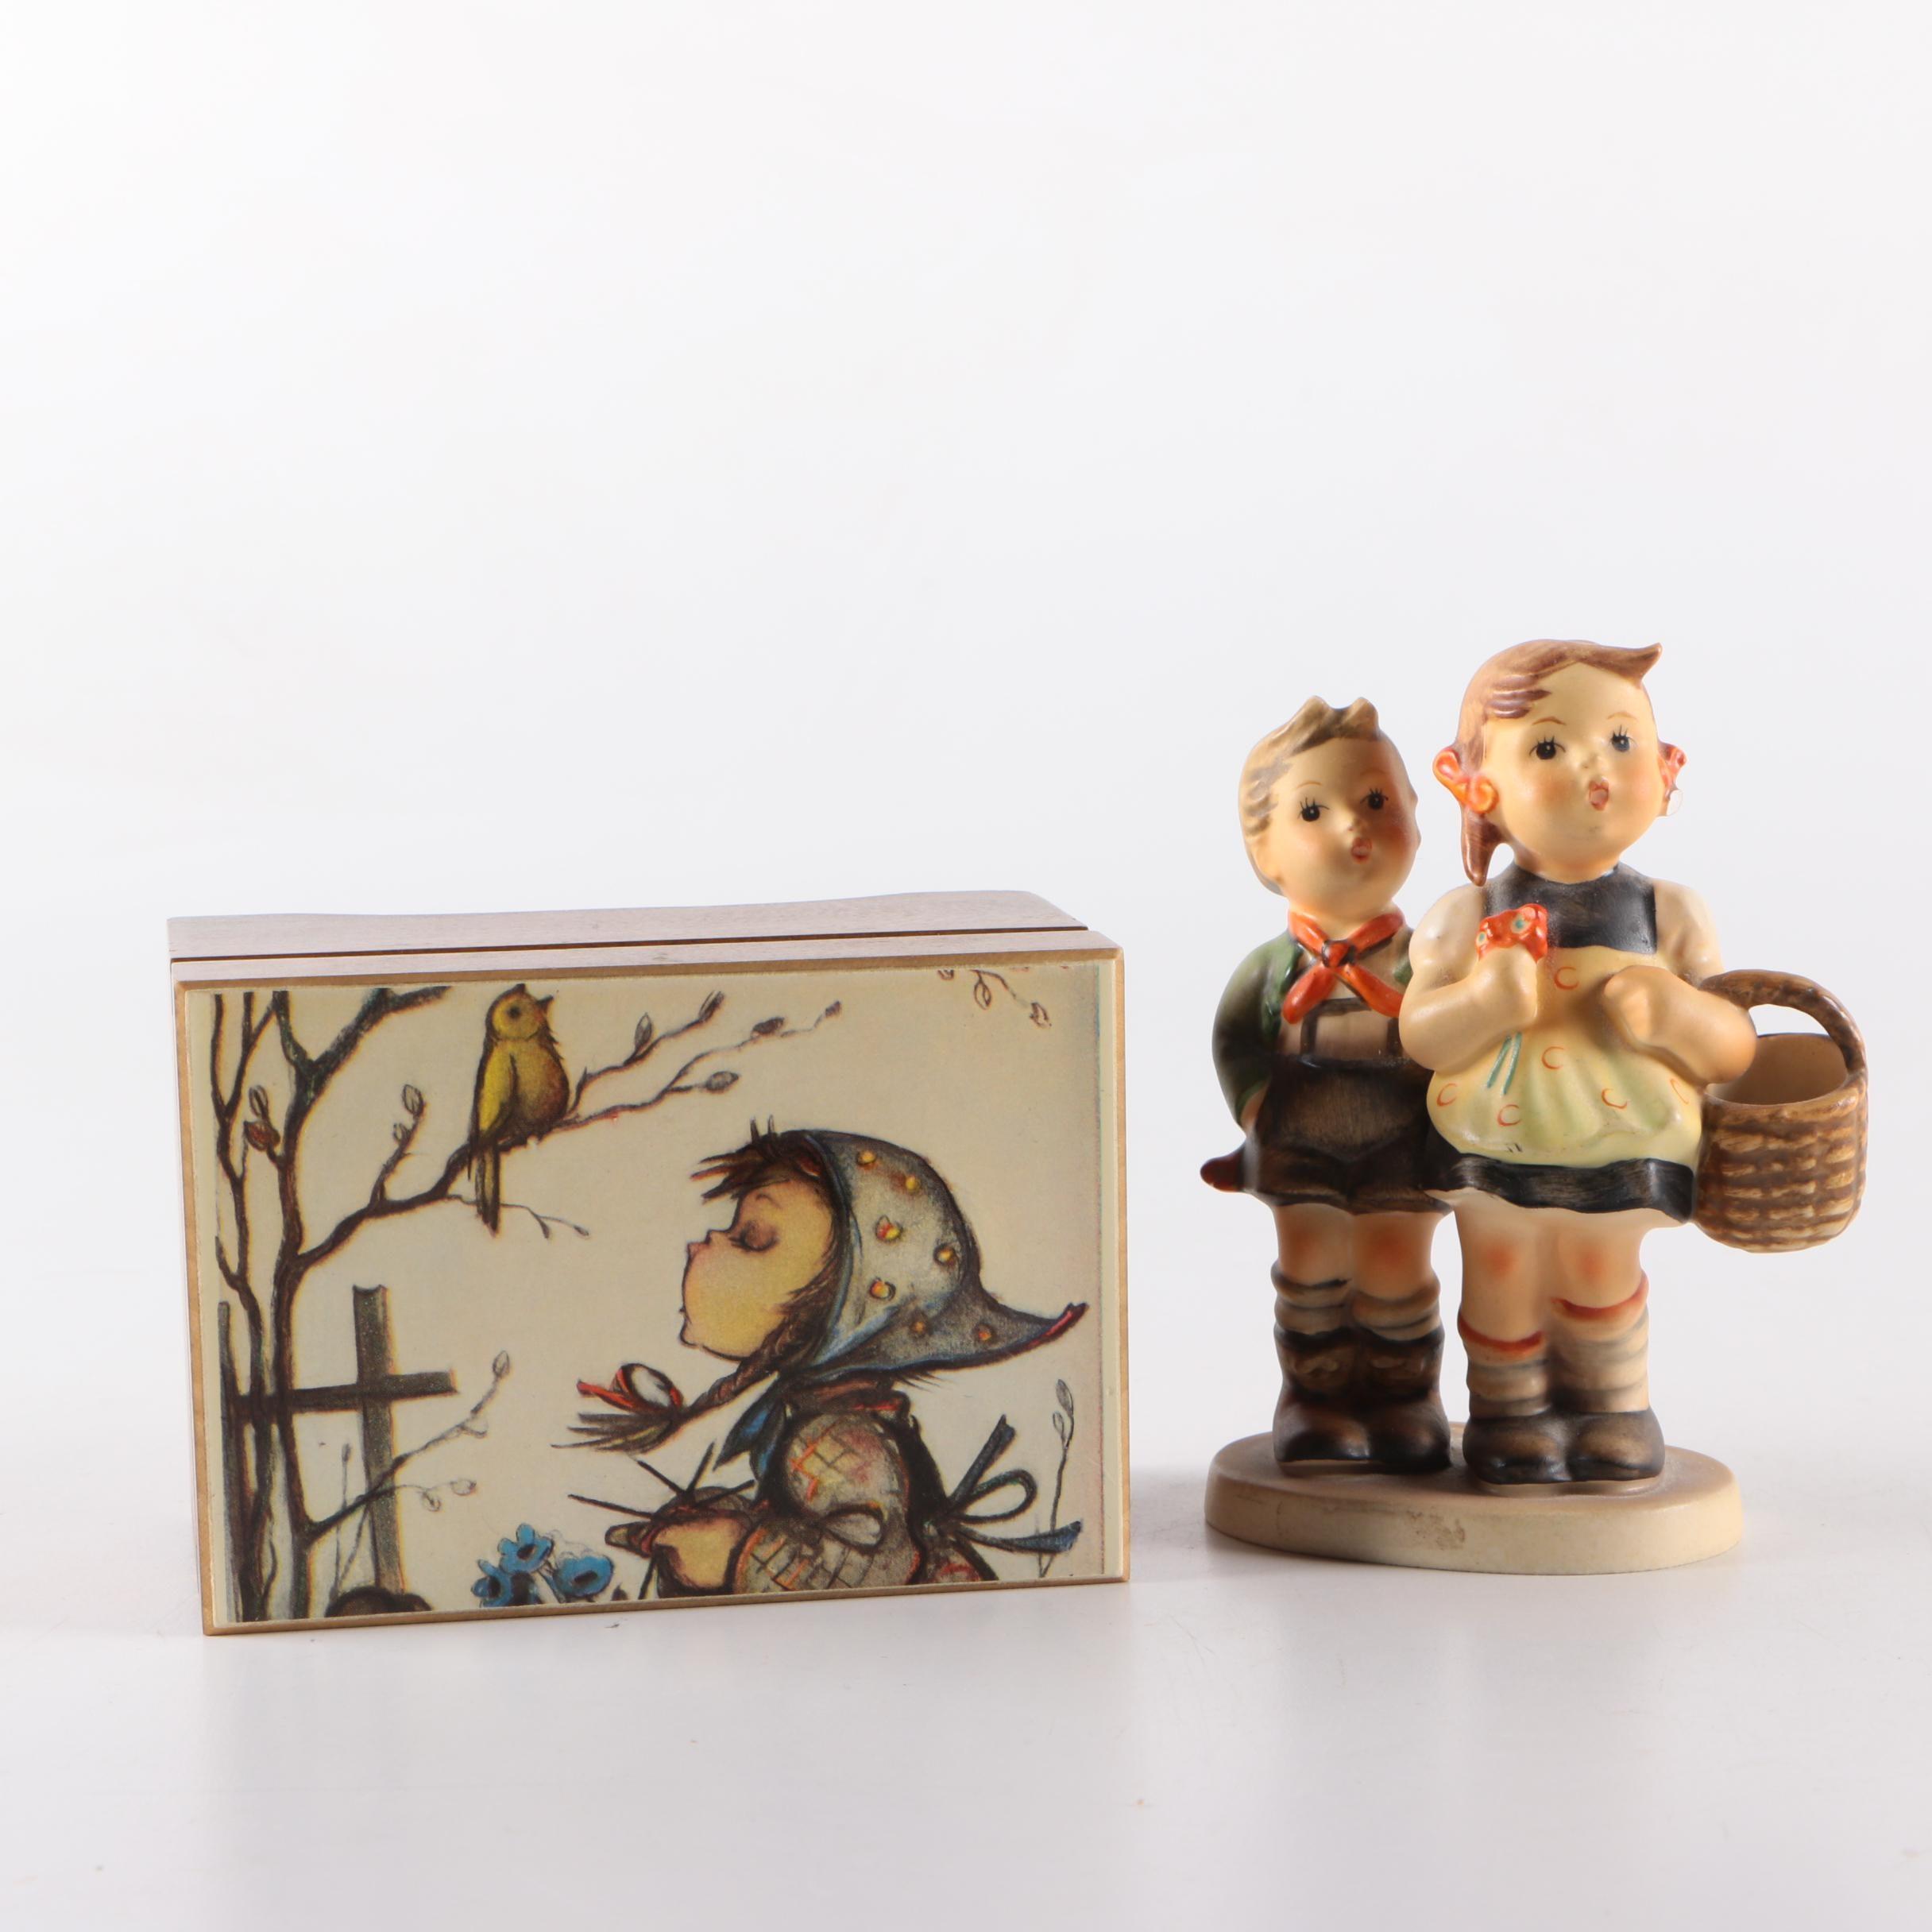 Music Box and Children Figurine